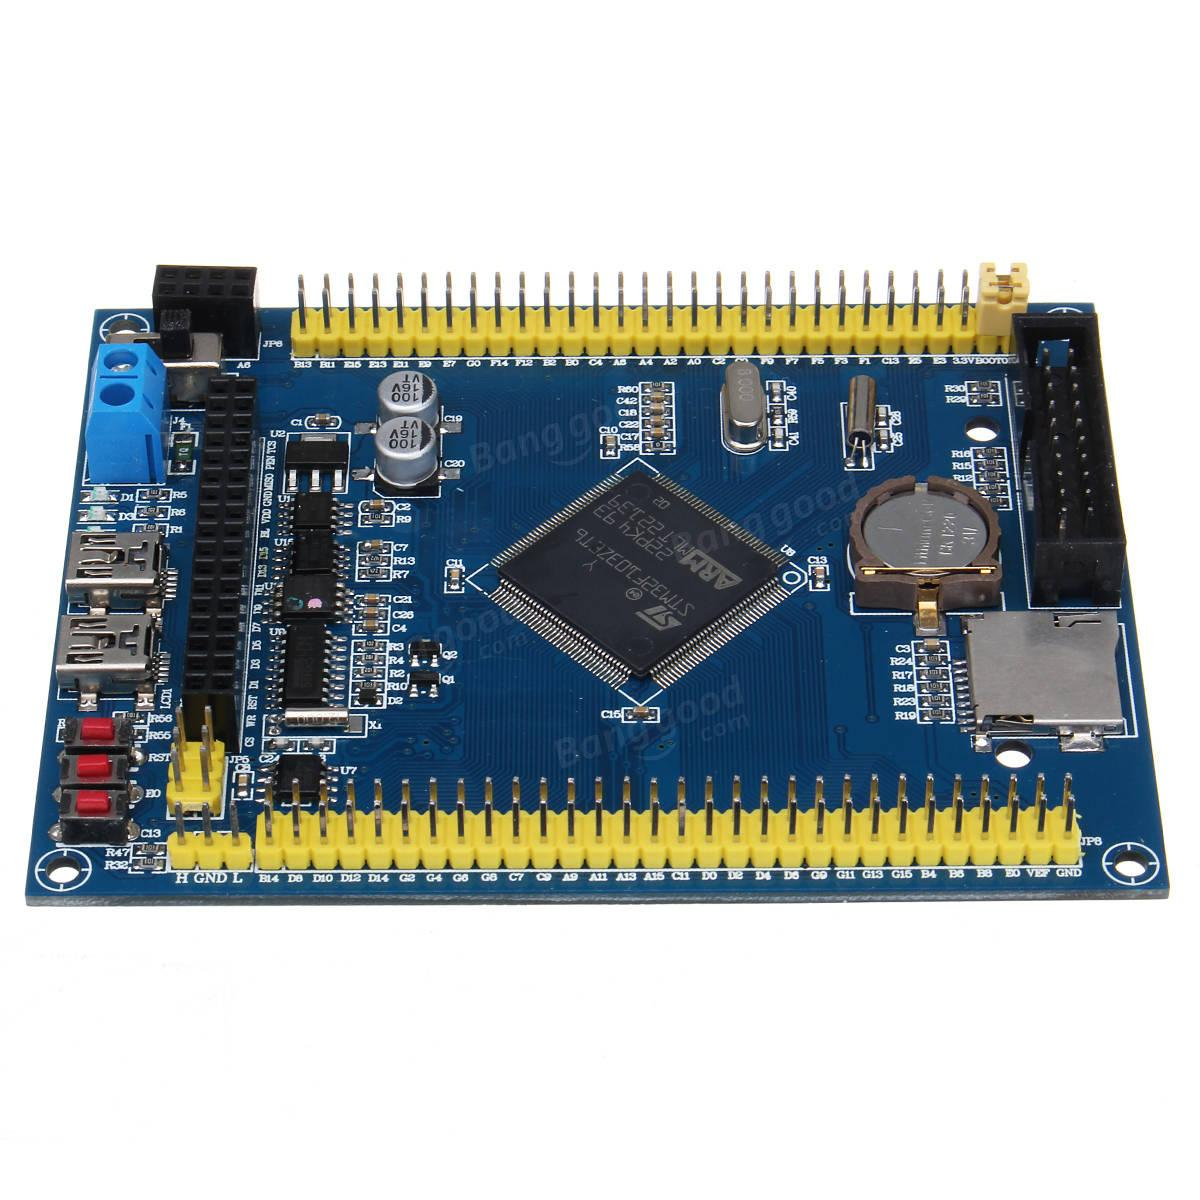 stm32F103ZEt6 core board / 72MHz / 512KFlash / 64KRAM